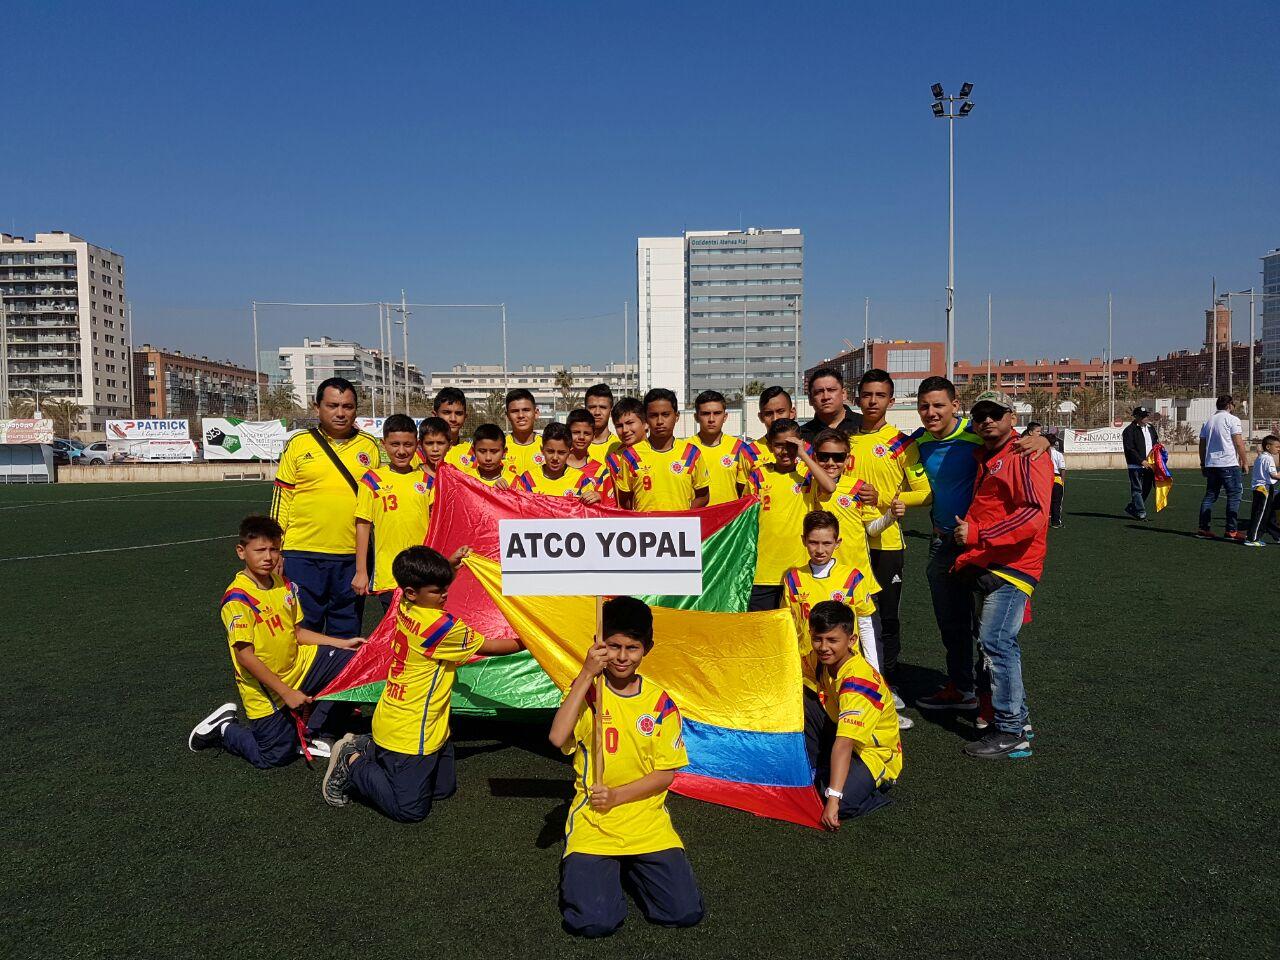 #EnAudio Equipo de futbol Casanareño, queda cuarto lugar en campeonato premier cup en Barcelona España